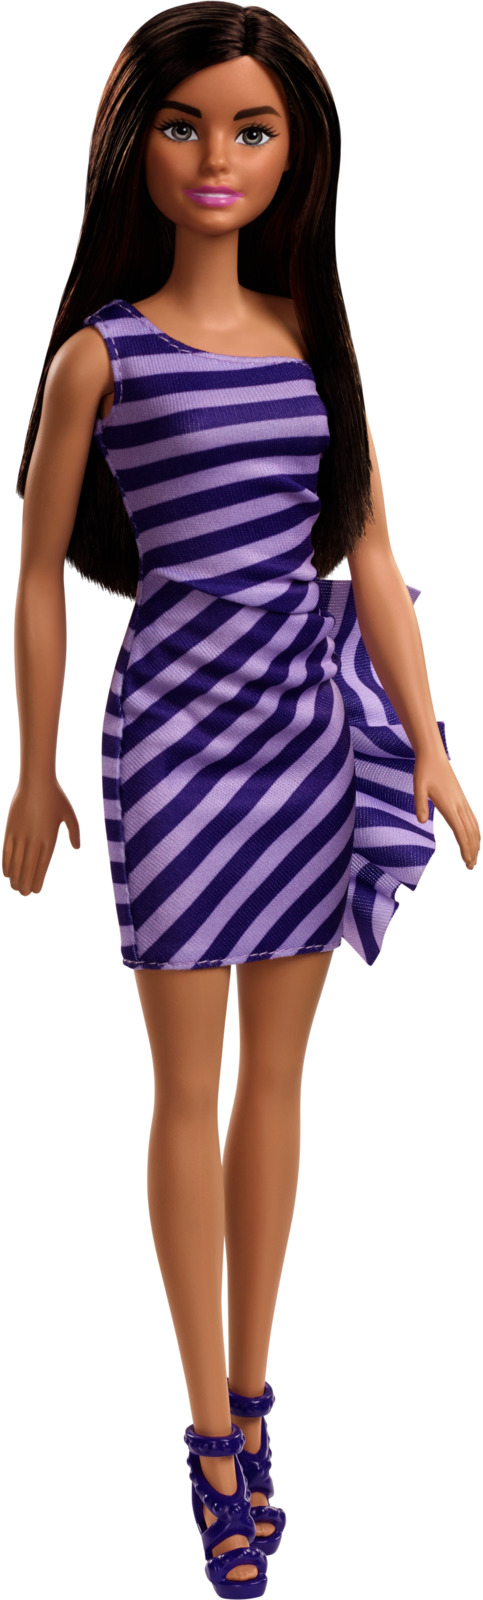 Barbie Кукла Брюнетка Сияние моды цвет платья в полоску (синяя, фиолетовая) цена 2017